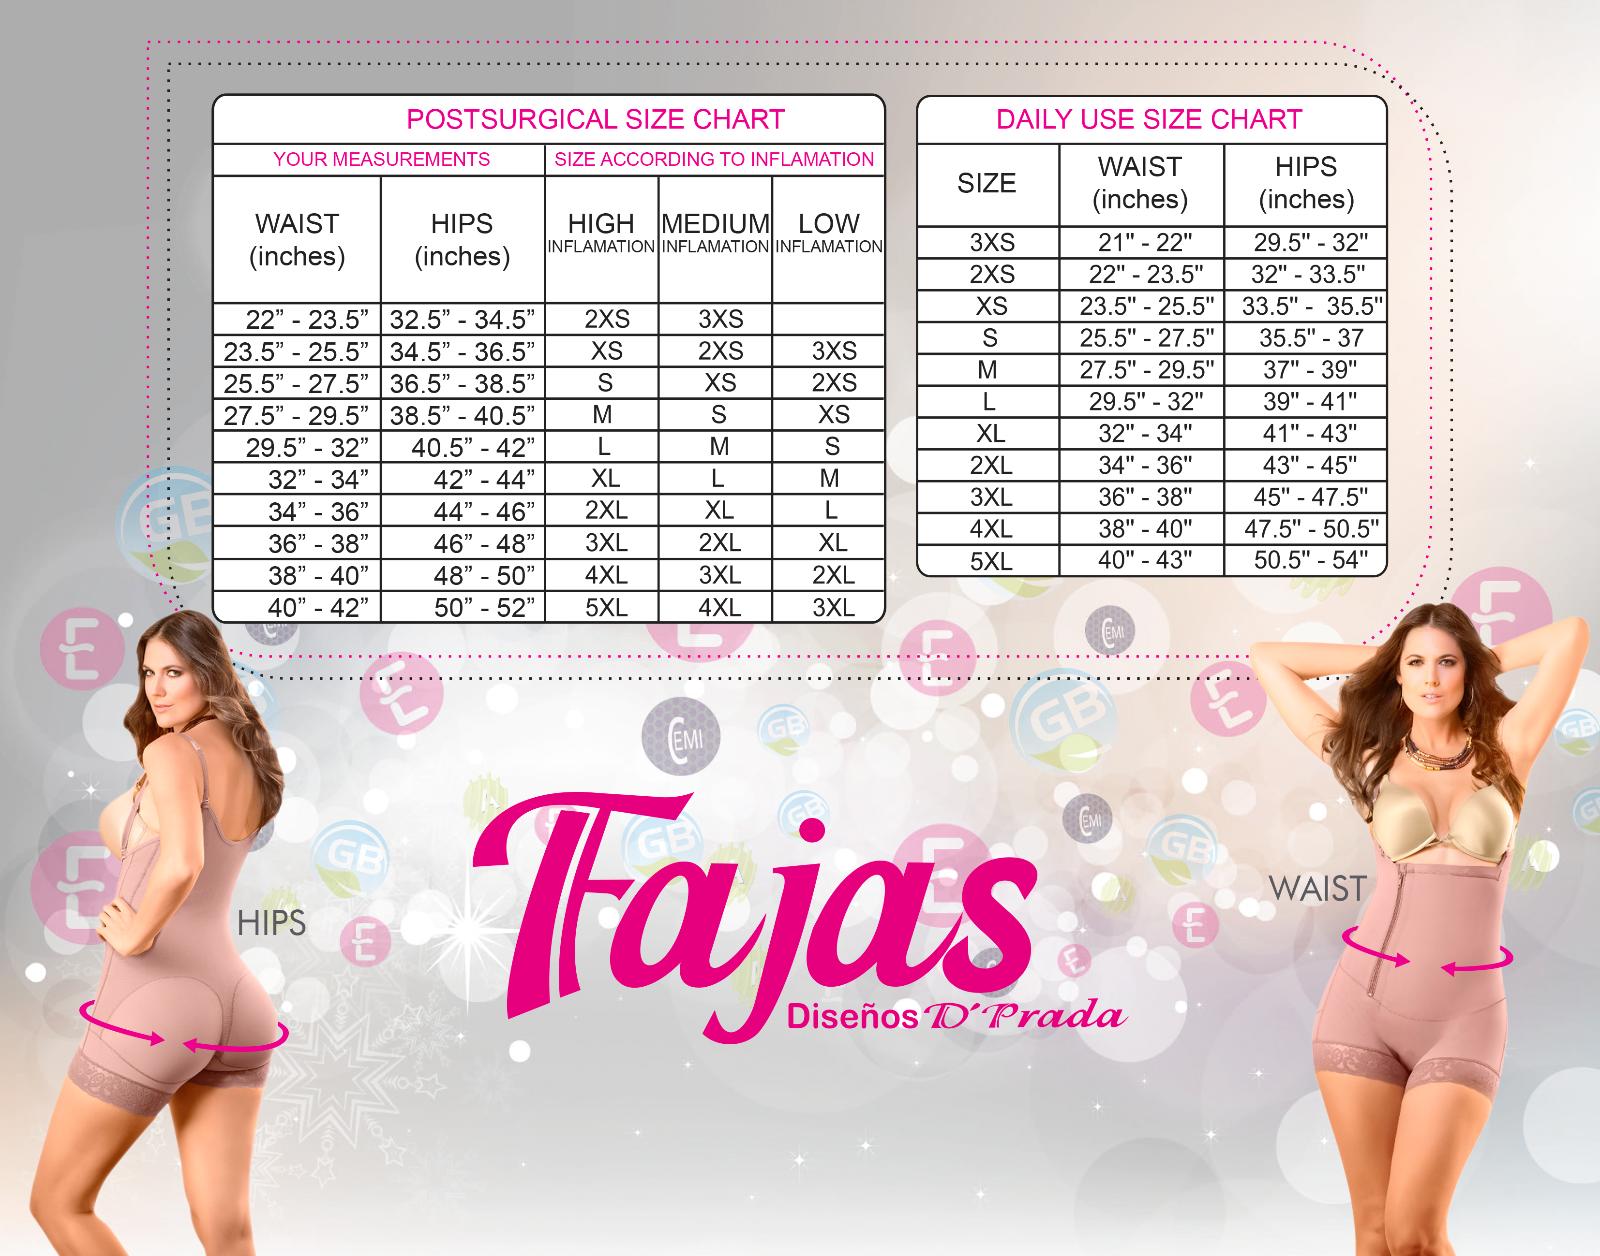 Fajas&fajate Colombianas Women Body Colombiano Butt Lifter Shaper Levanta Cola Women's Lingerie, Intimates